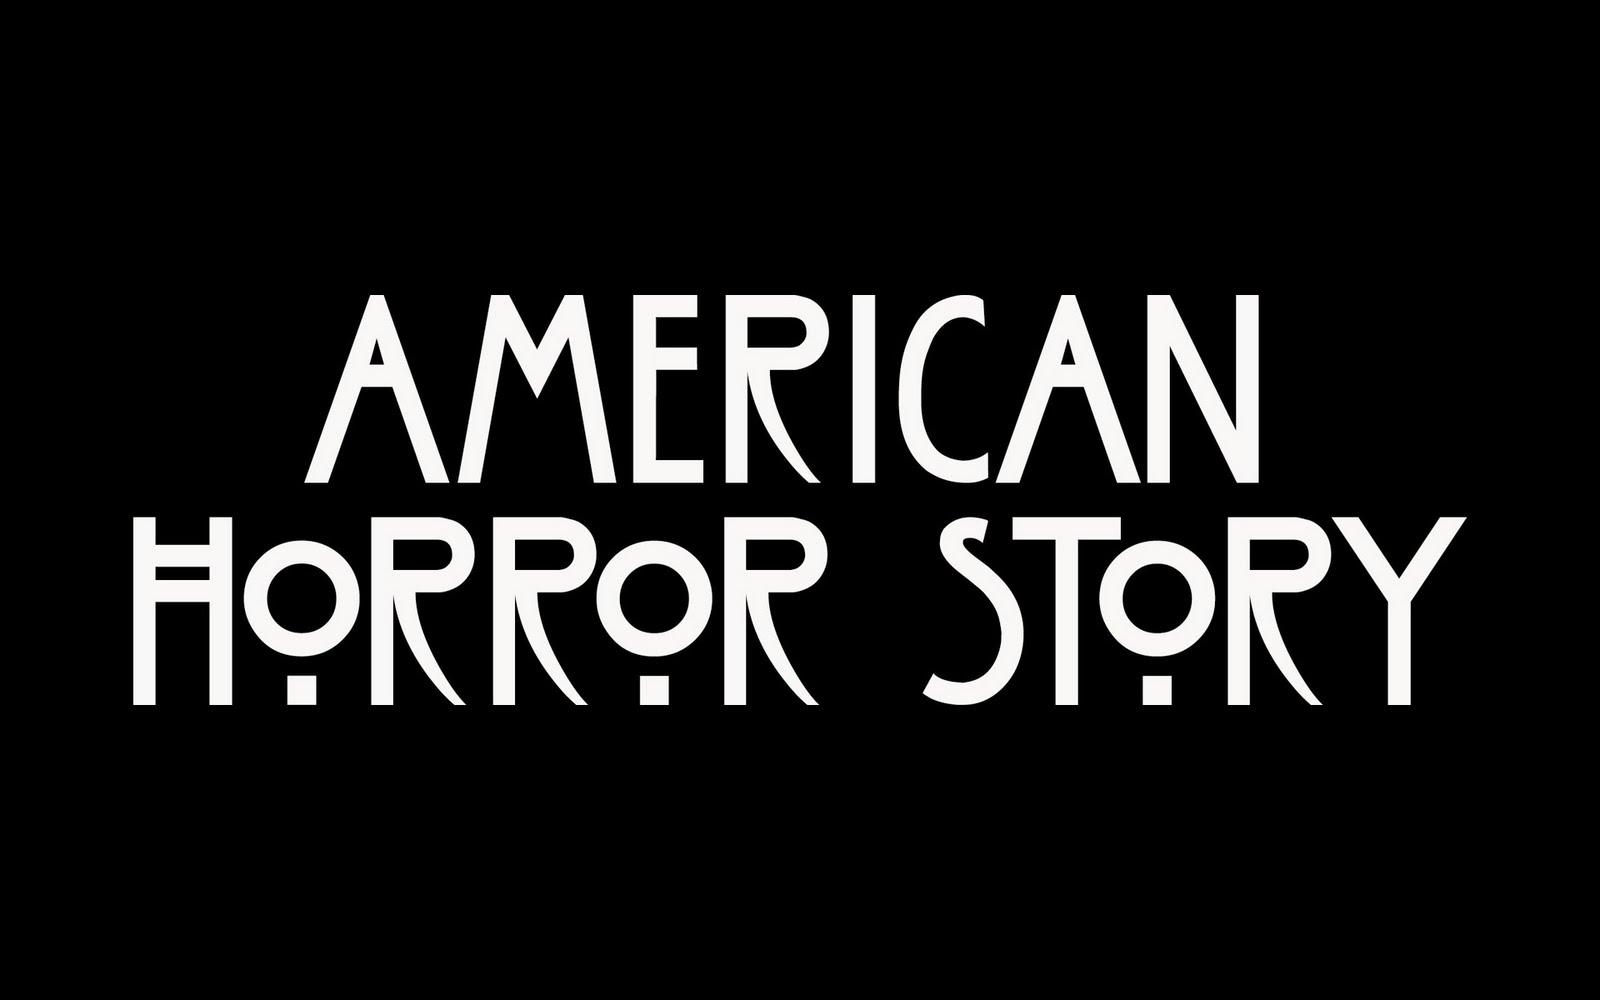 American Horror Story: algunos 'teasers' «dan información errónea»